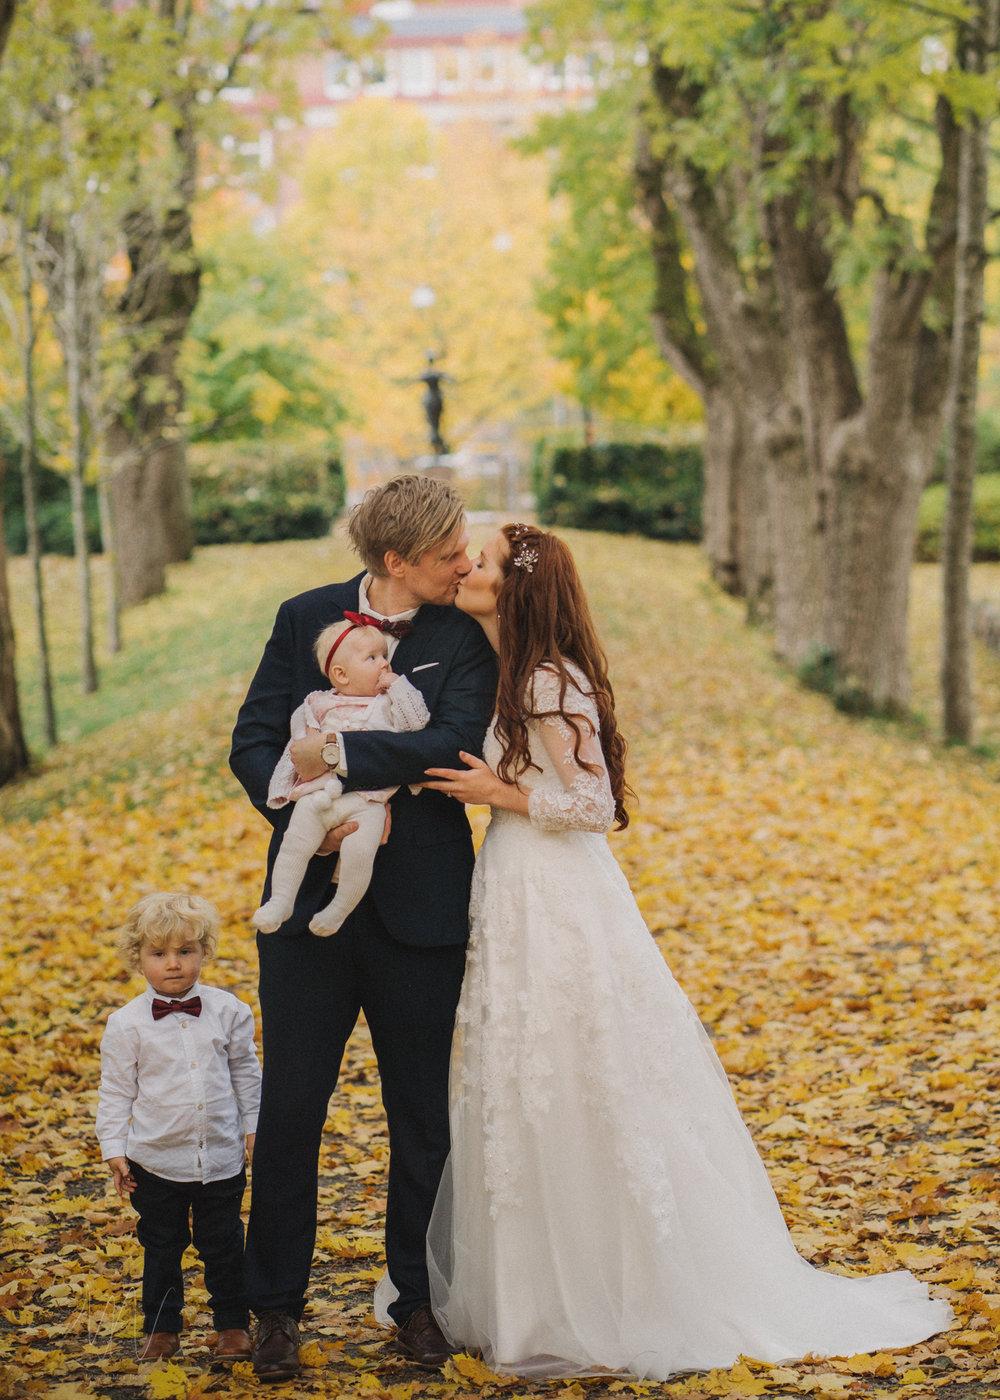 Bröllopsfoto-13okt-fotograf-max-norin-63.jpg